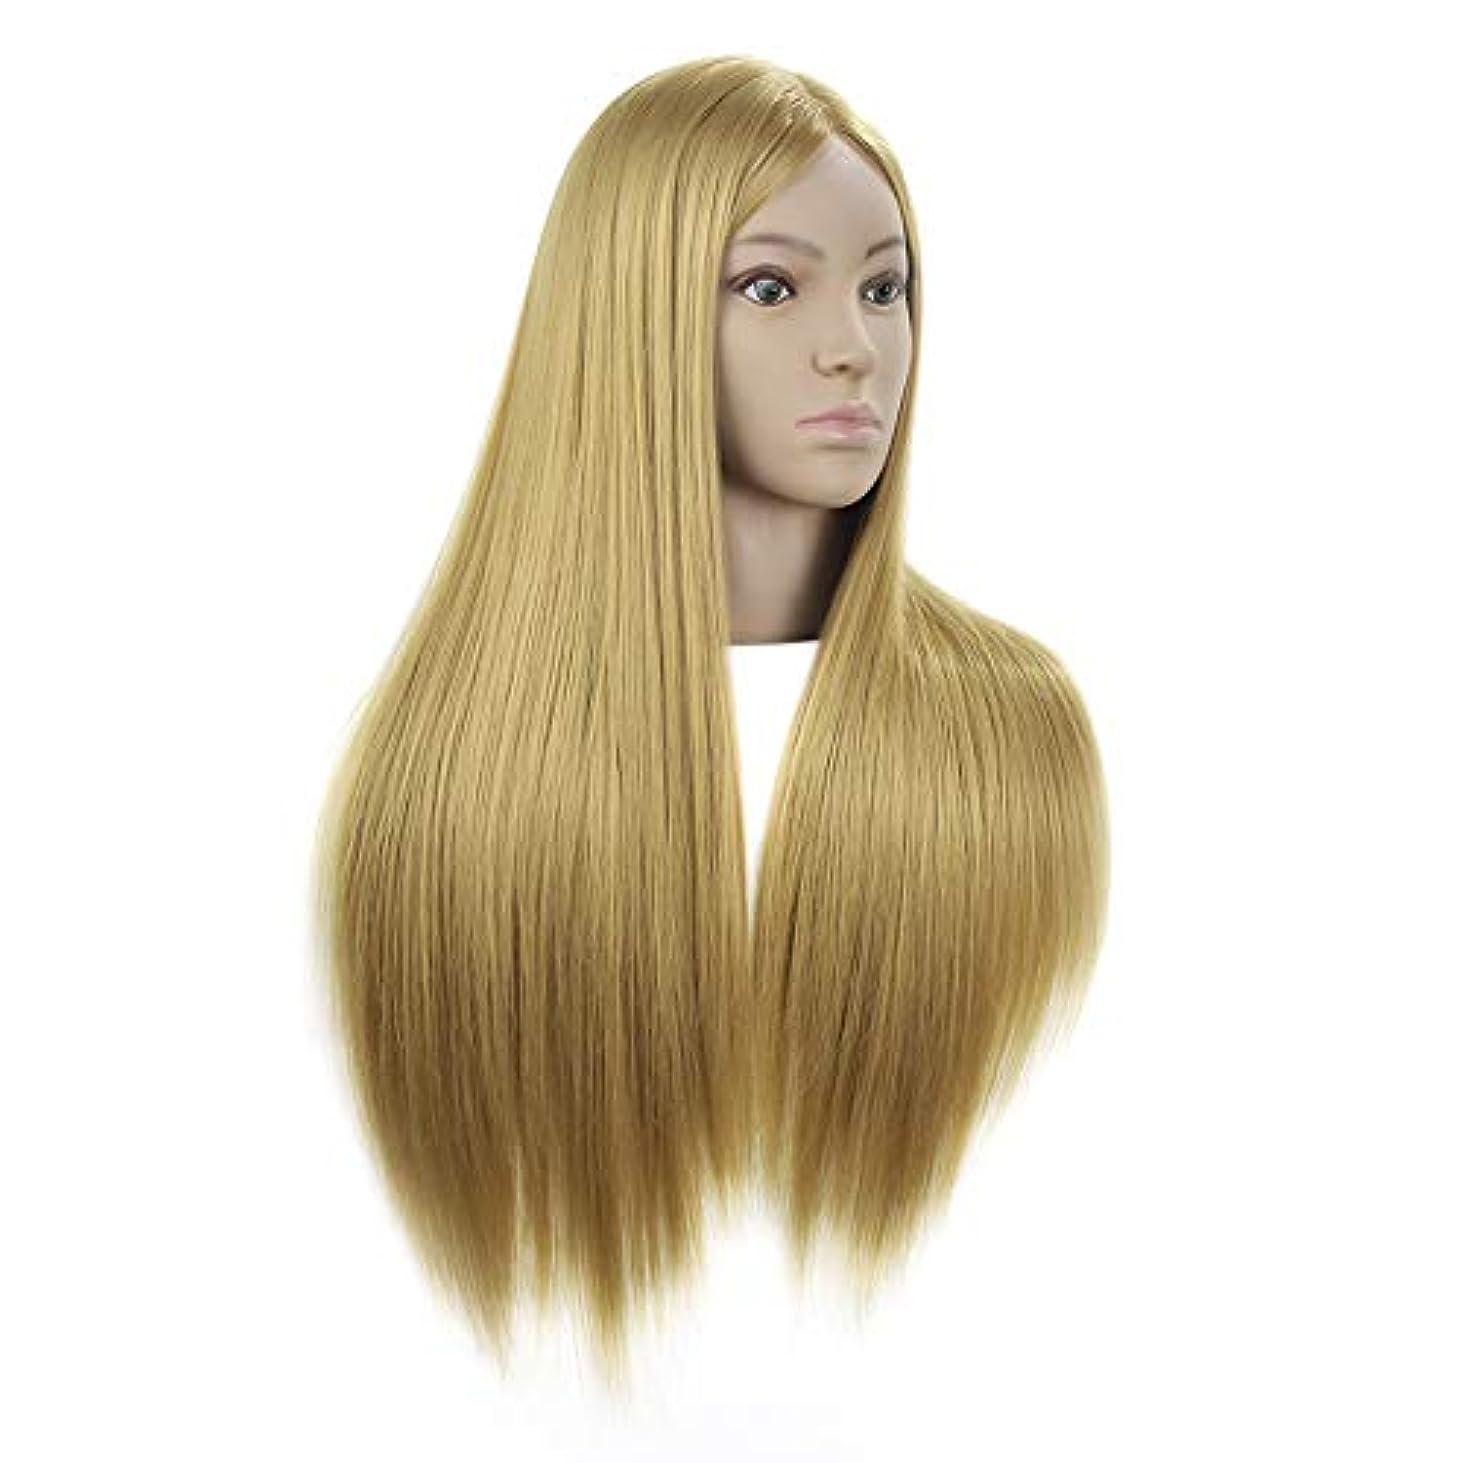 仲介者接触加速するリアルヘアスタイリングマネキンヘッド女性ヘッドモデル教育ヘッド理髪店編組ヘア染色学習ダミーヘッド